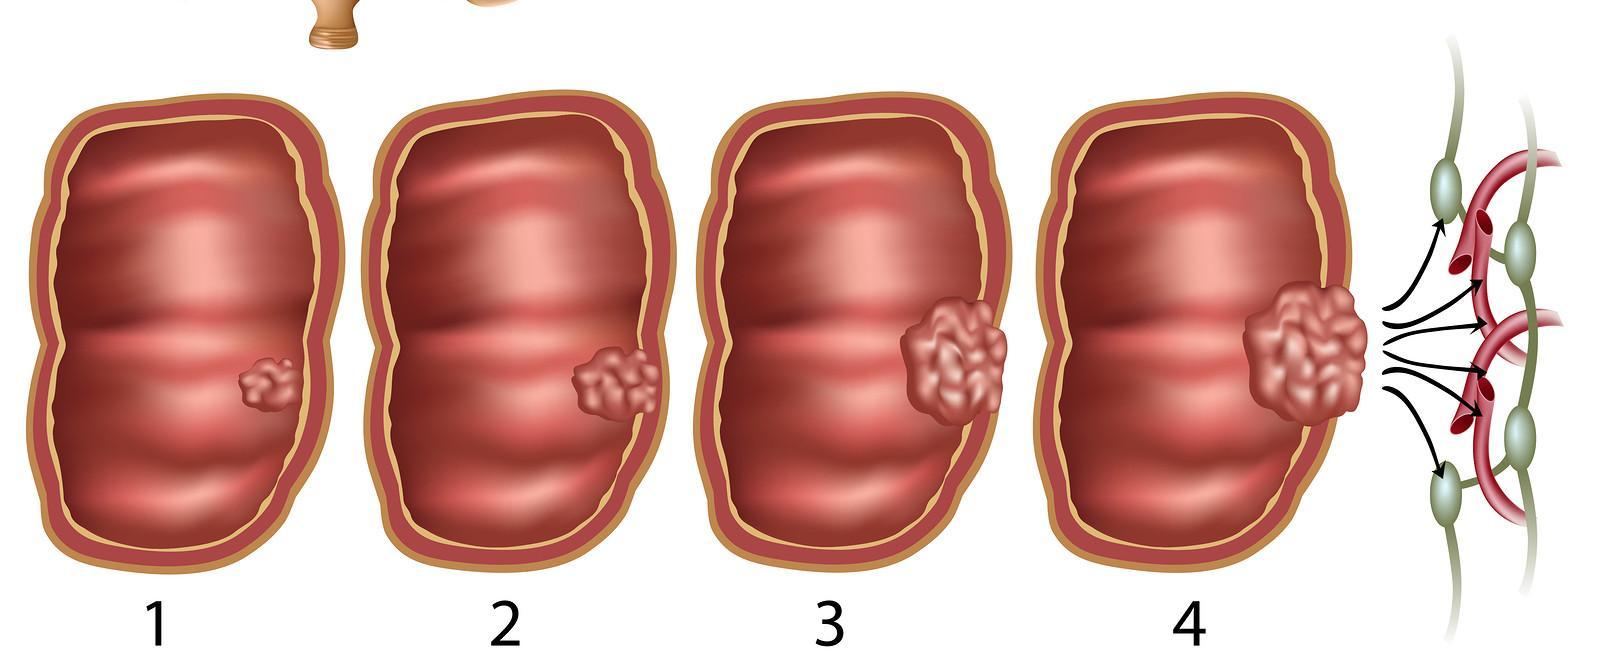 مراحل سرطان القولون